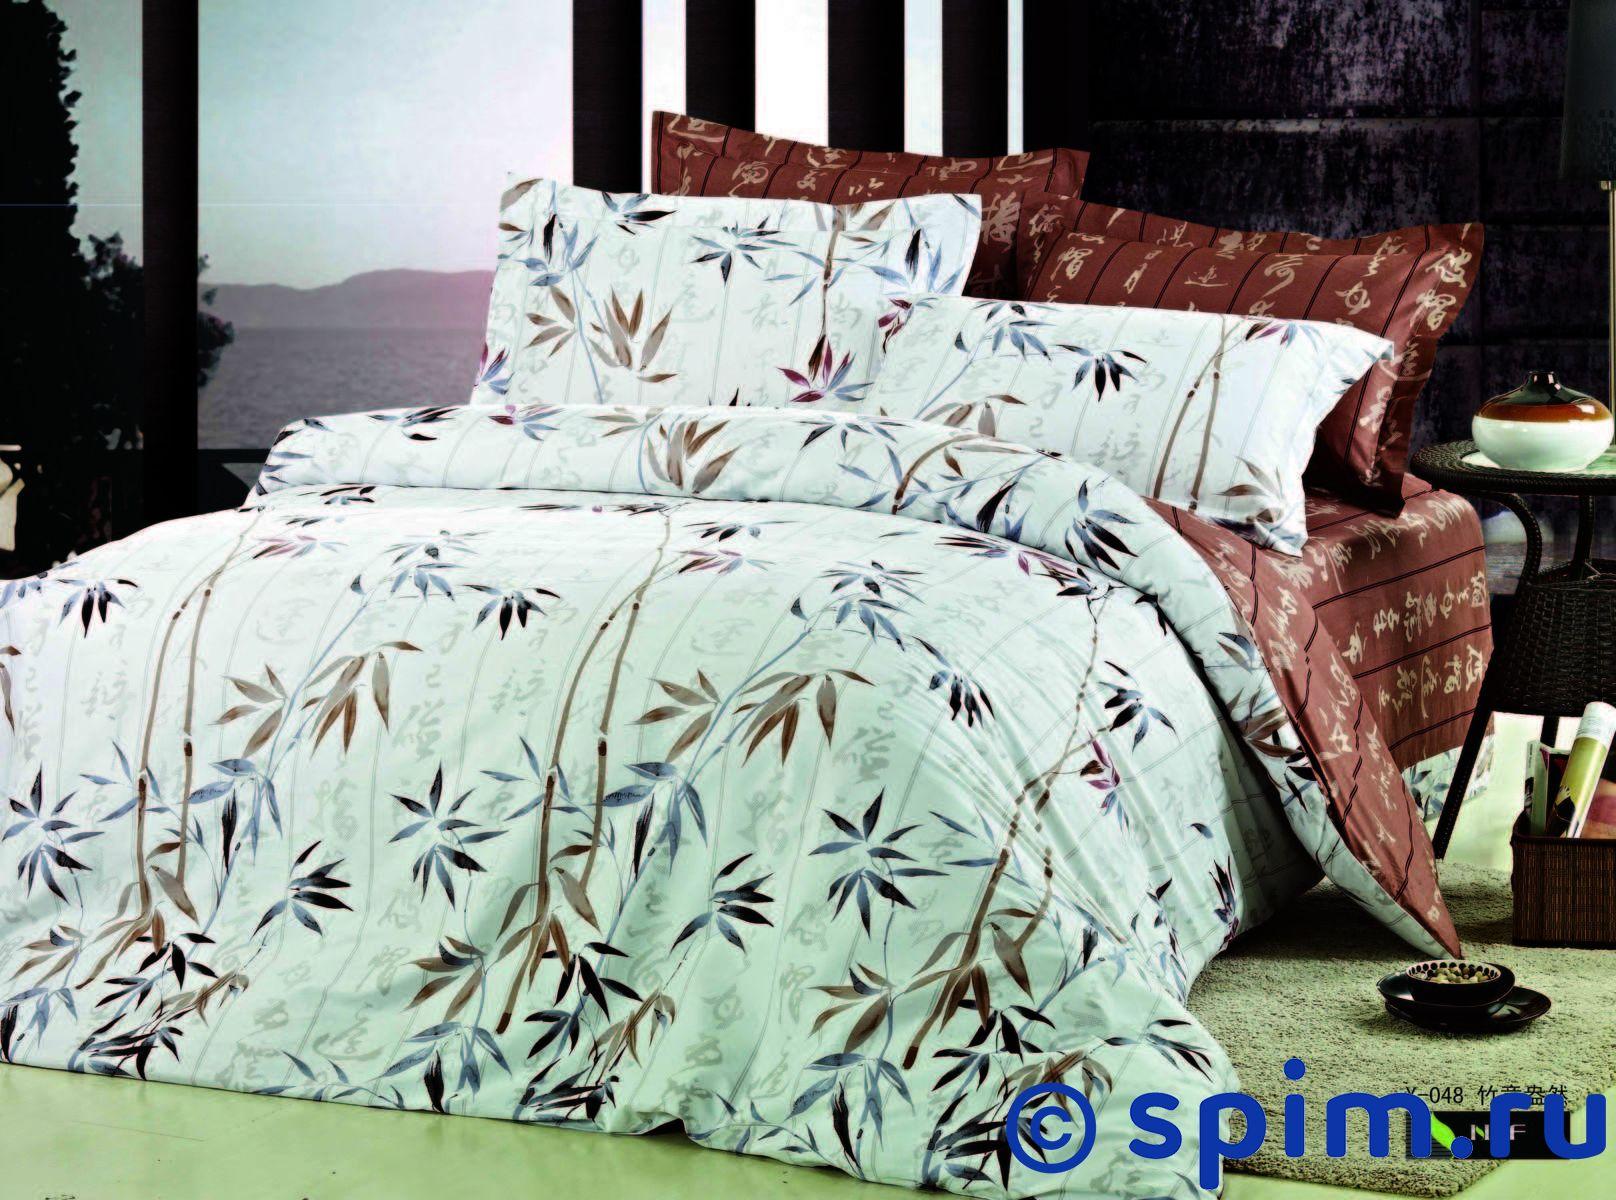 Комплект СайлиД G58 2 спальноеСатиновое постельное белье СайлиД с фотопечатью<br>Материал: 100% хлопок (сатин, фотопечать). Плотность, г/м2: 130. Размер Sailid Г: 2 спальное<br><br>Размер: 2 спальное